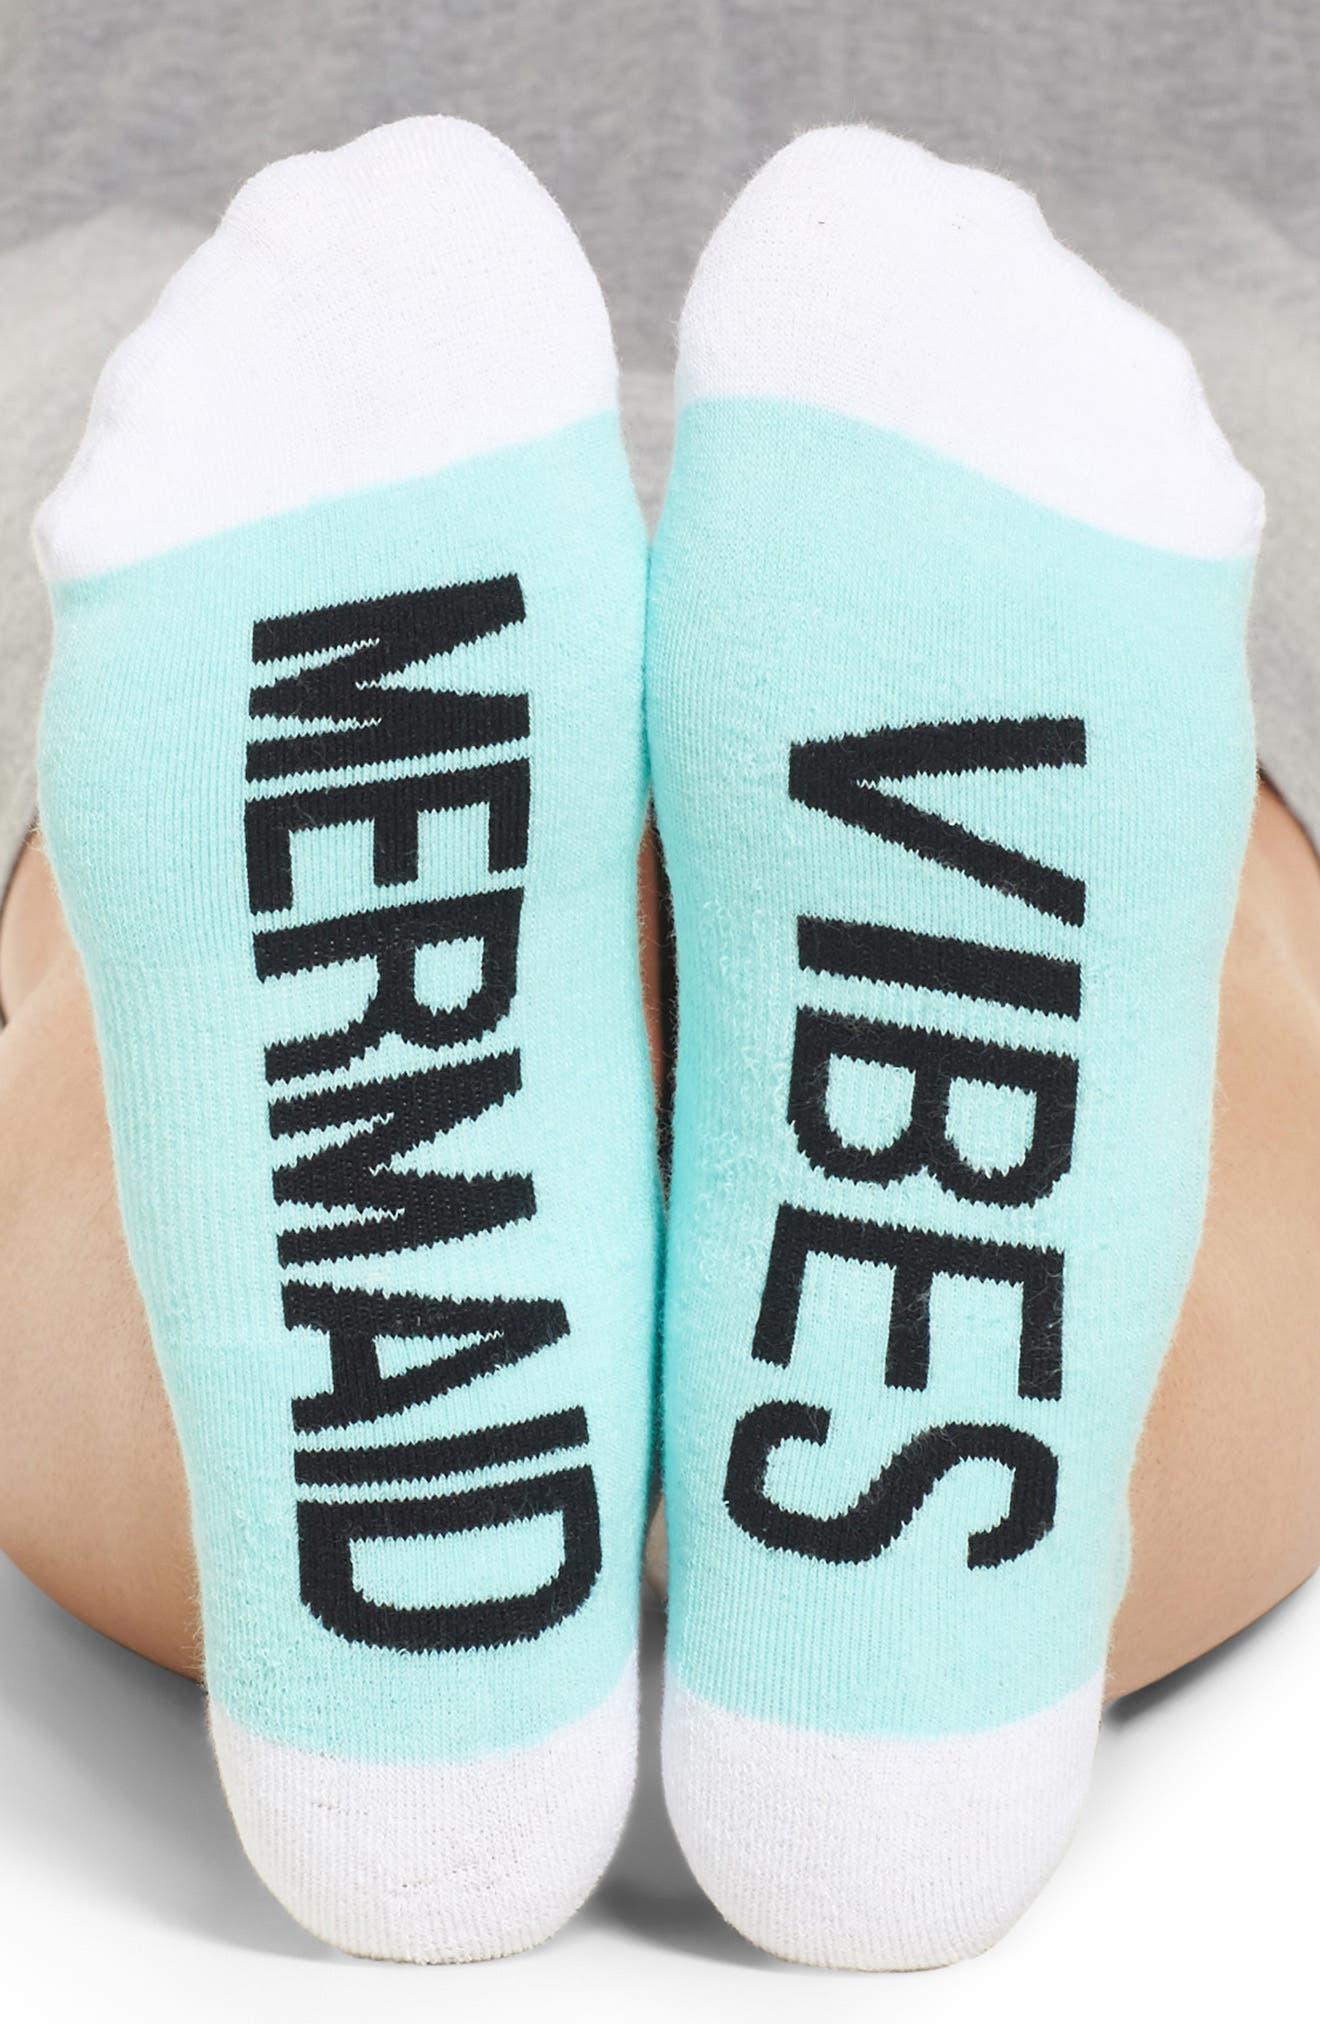 Mermaid Vibes Ankle Socks,                             Alternate thumbnail 2, color,                             331